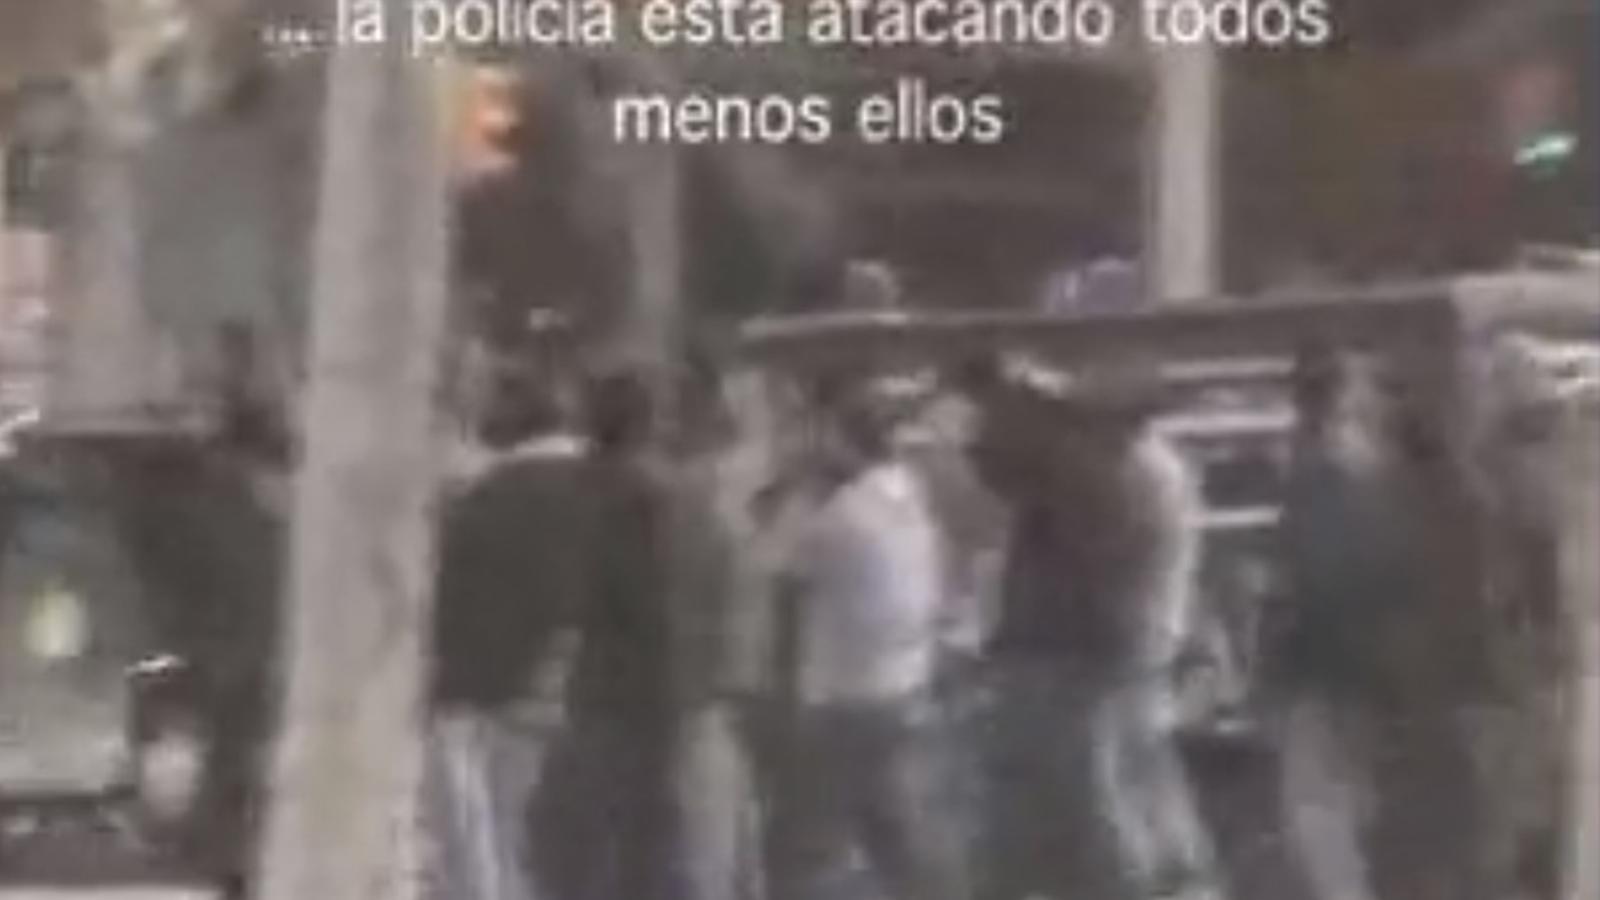 Vídeo d'infiltrats de la Policia Nacional l'any 2007 a Barcelona